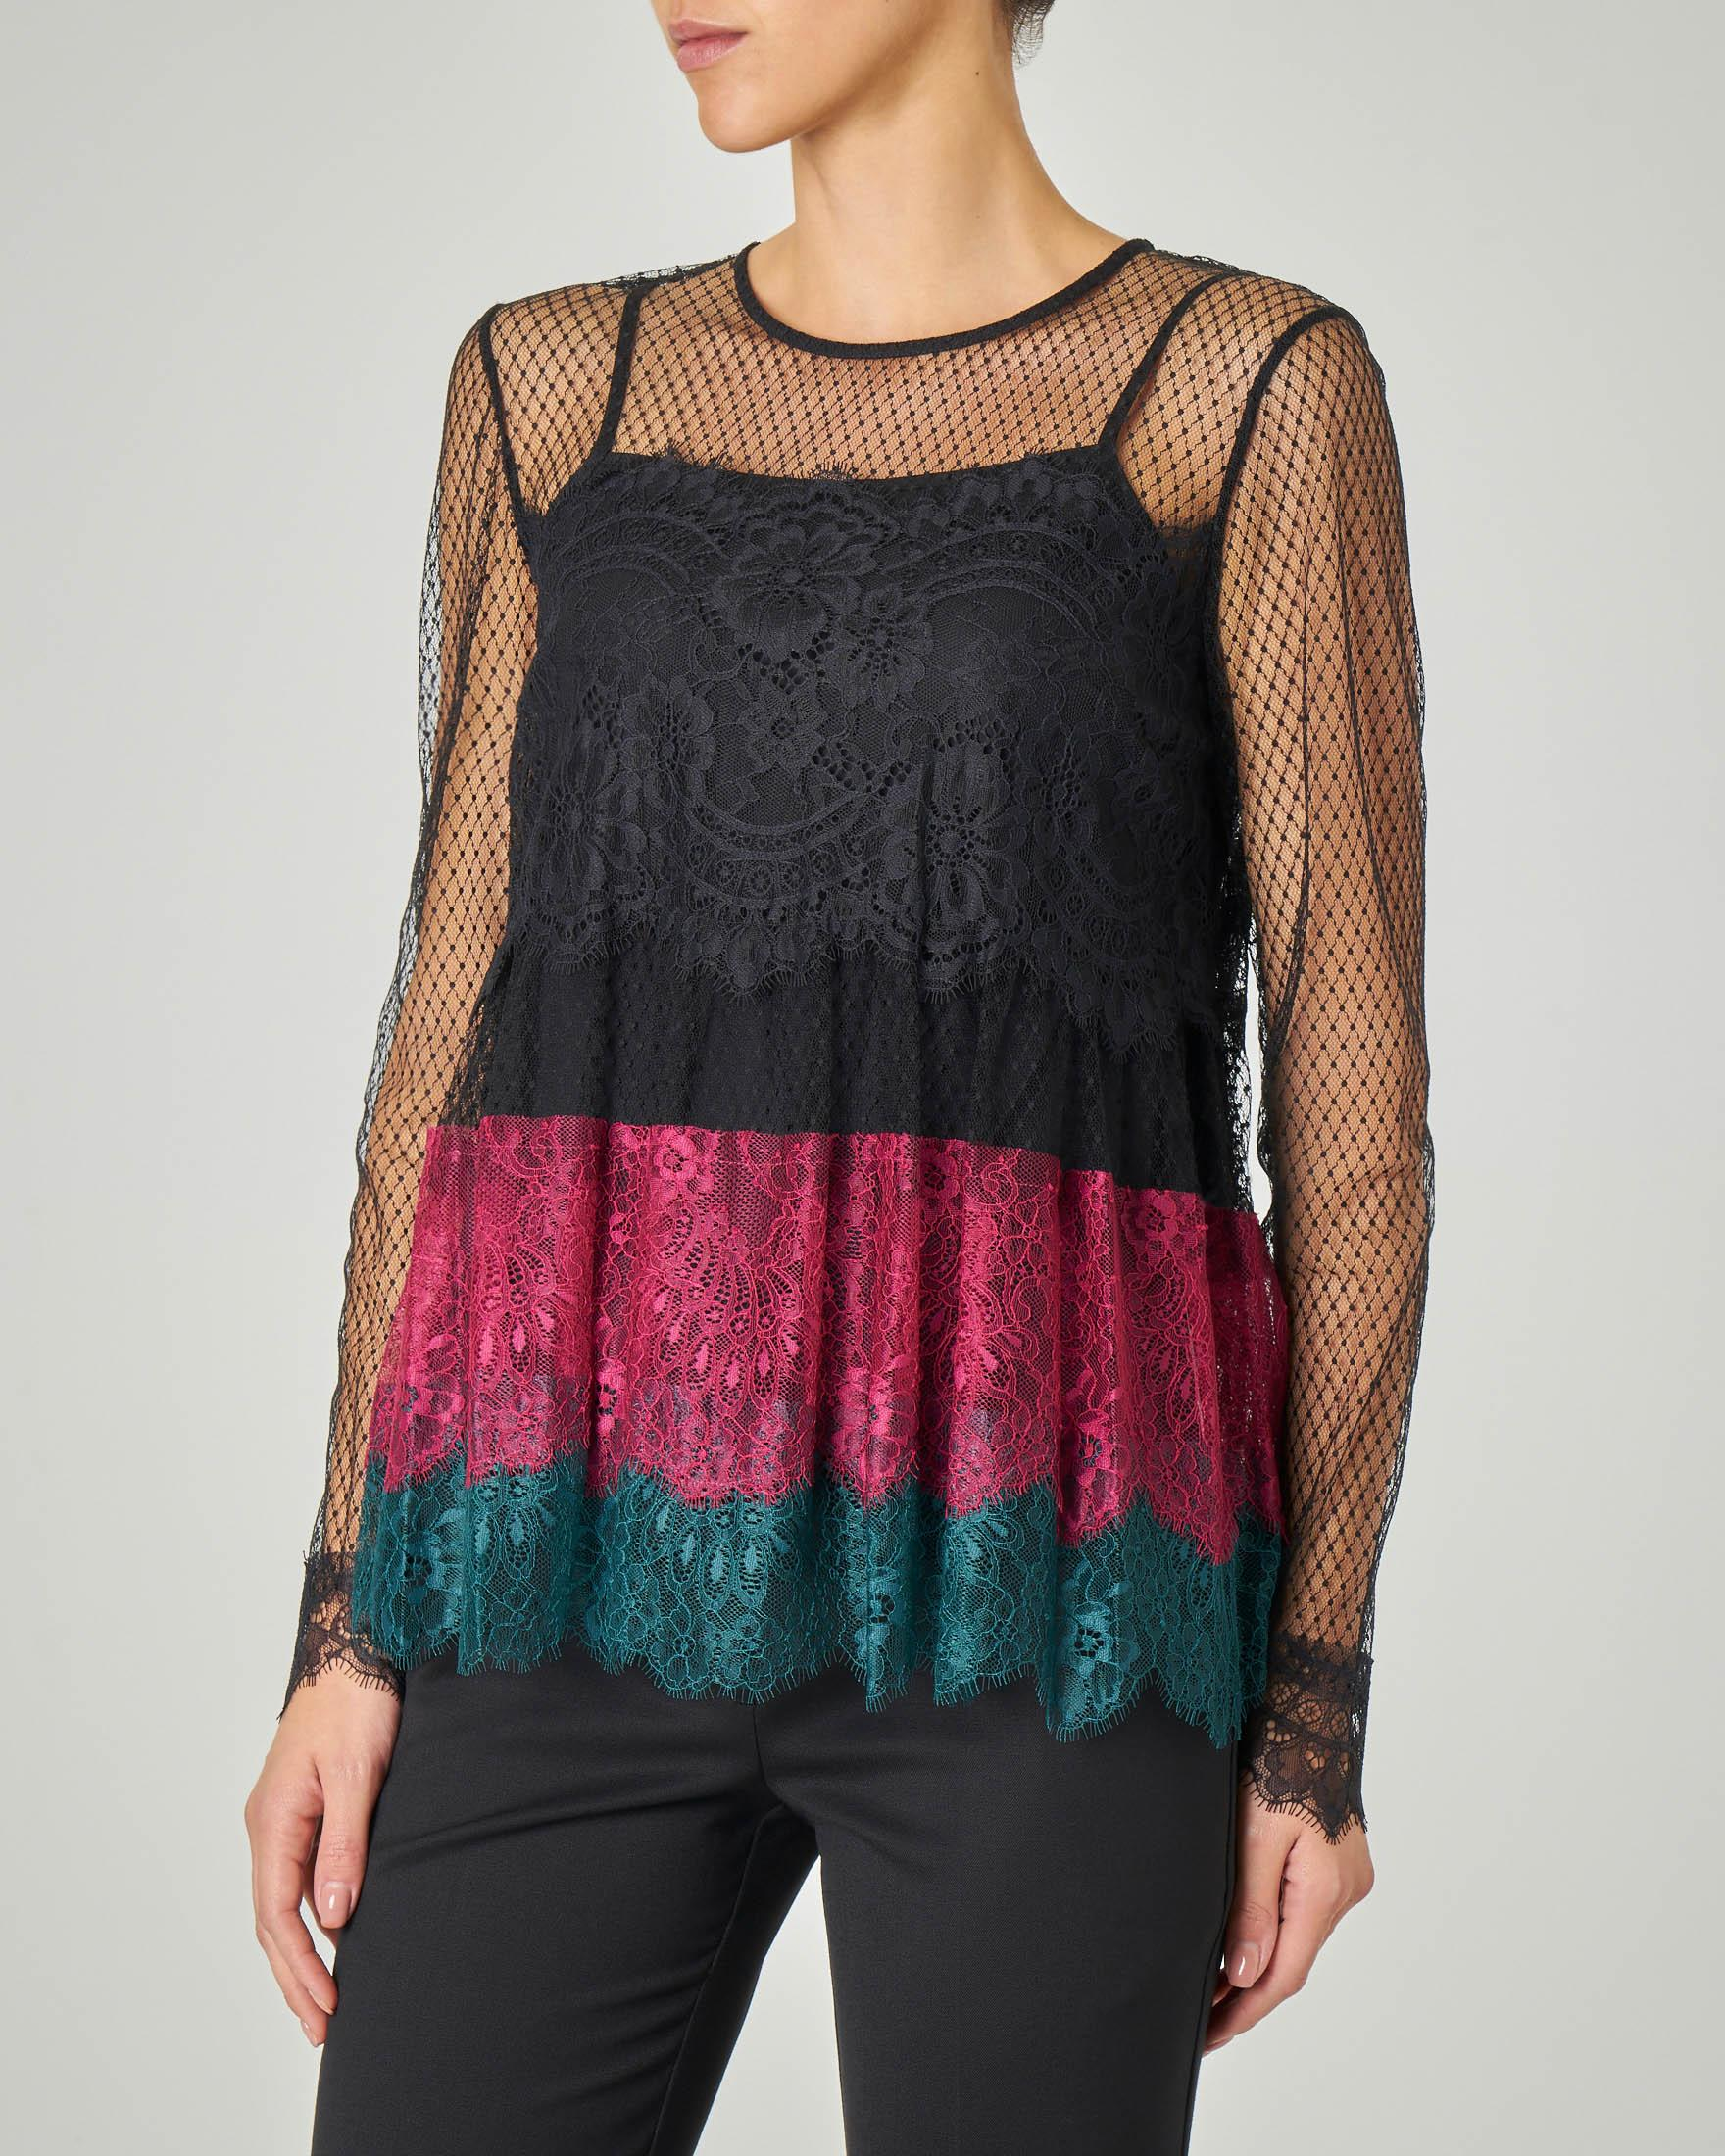 Blusa in pizzo effetto trasparente a blocchi di colore nero verde e viola